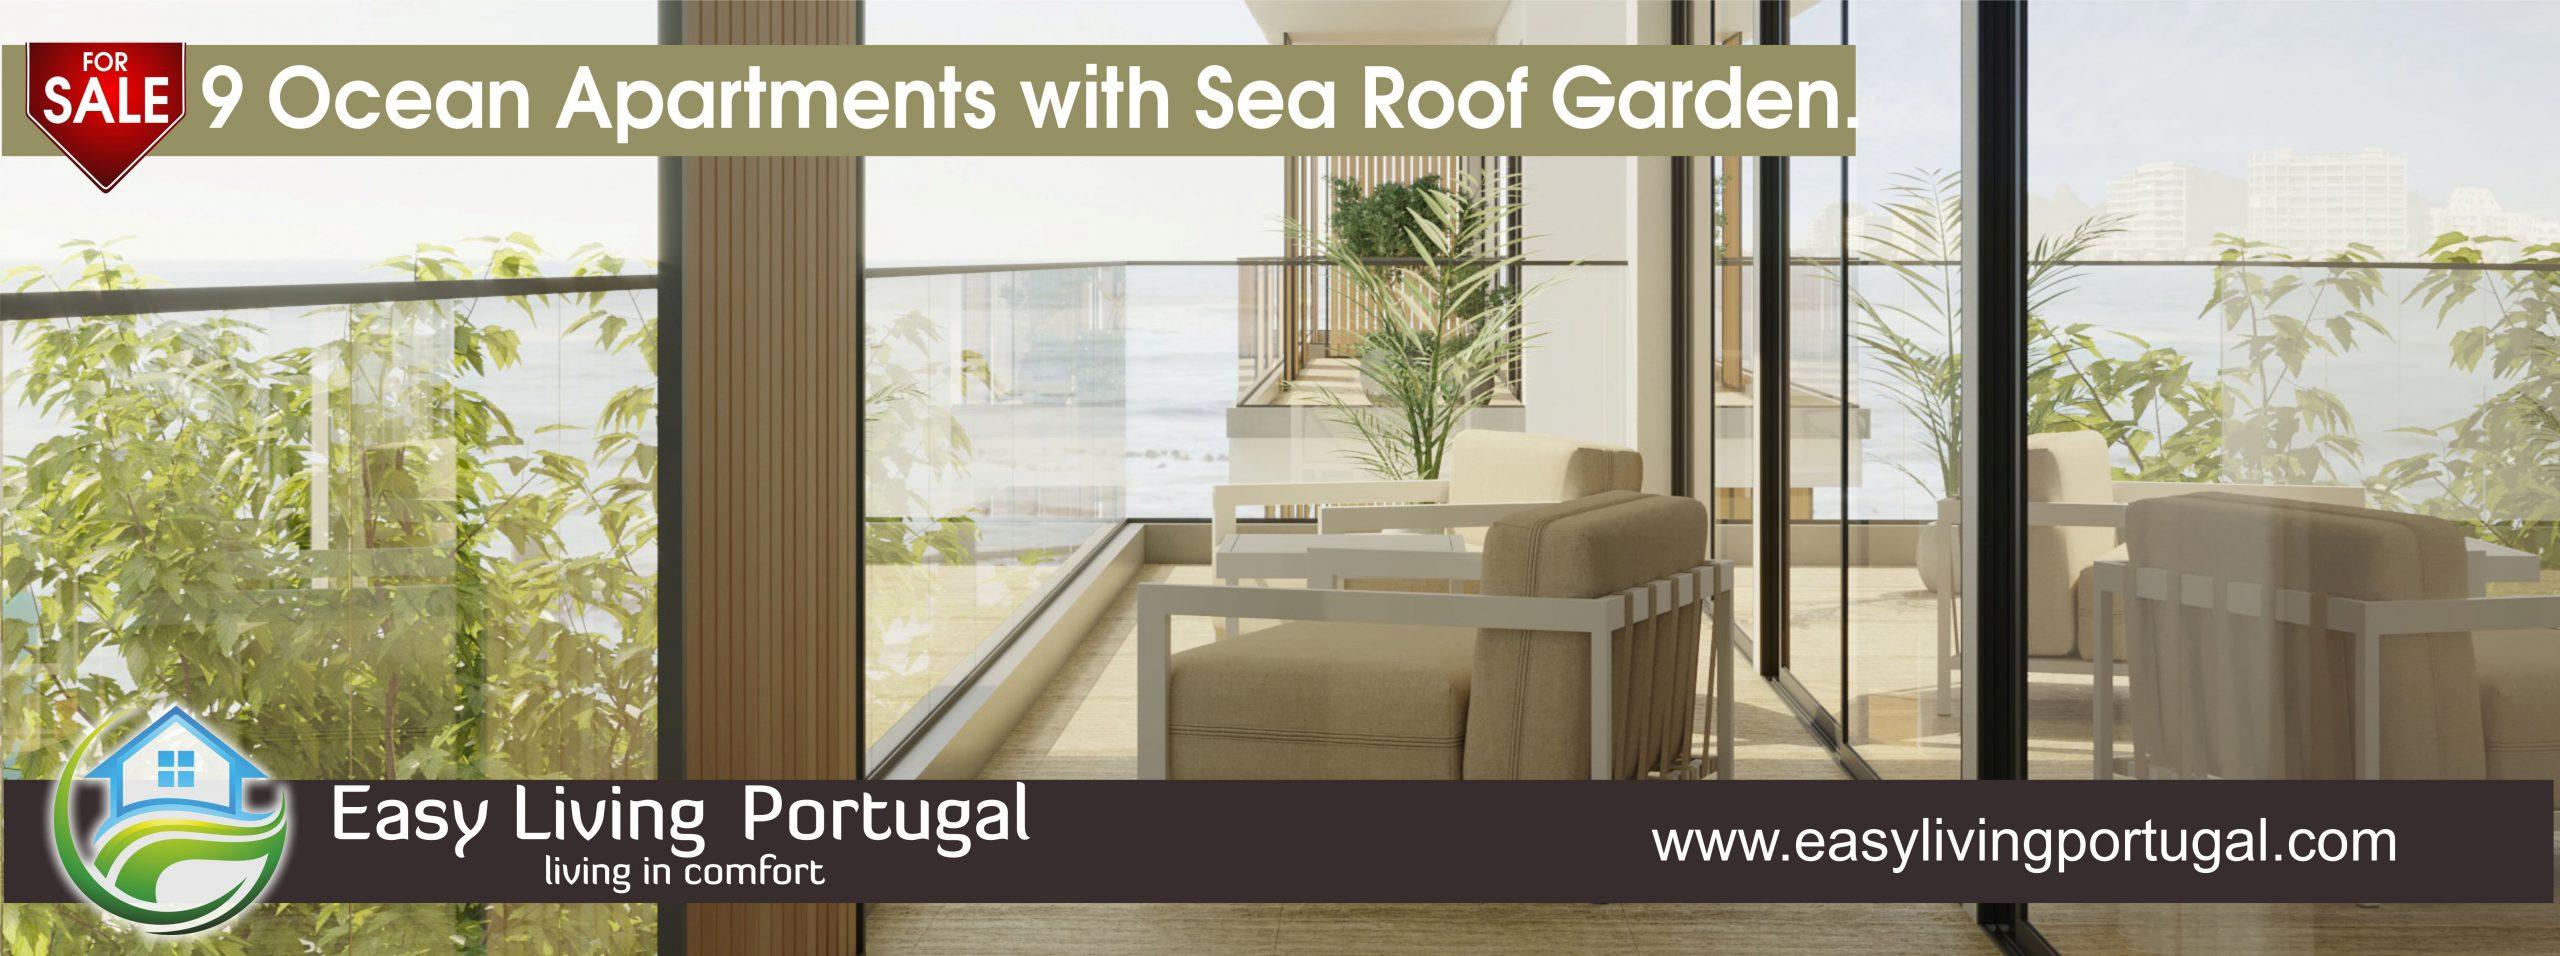 Design Ocean Apartments